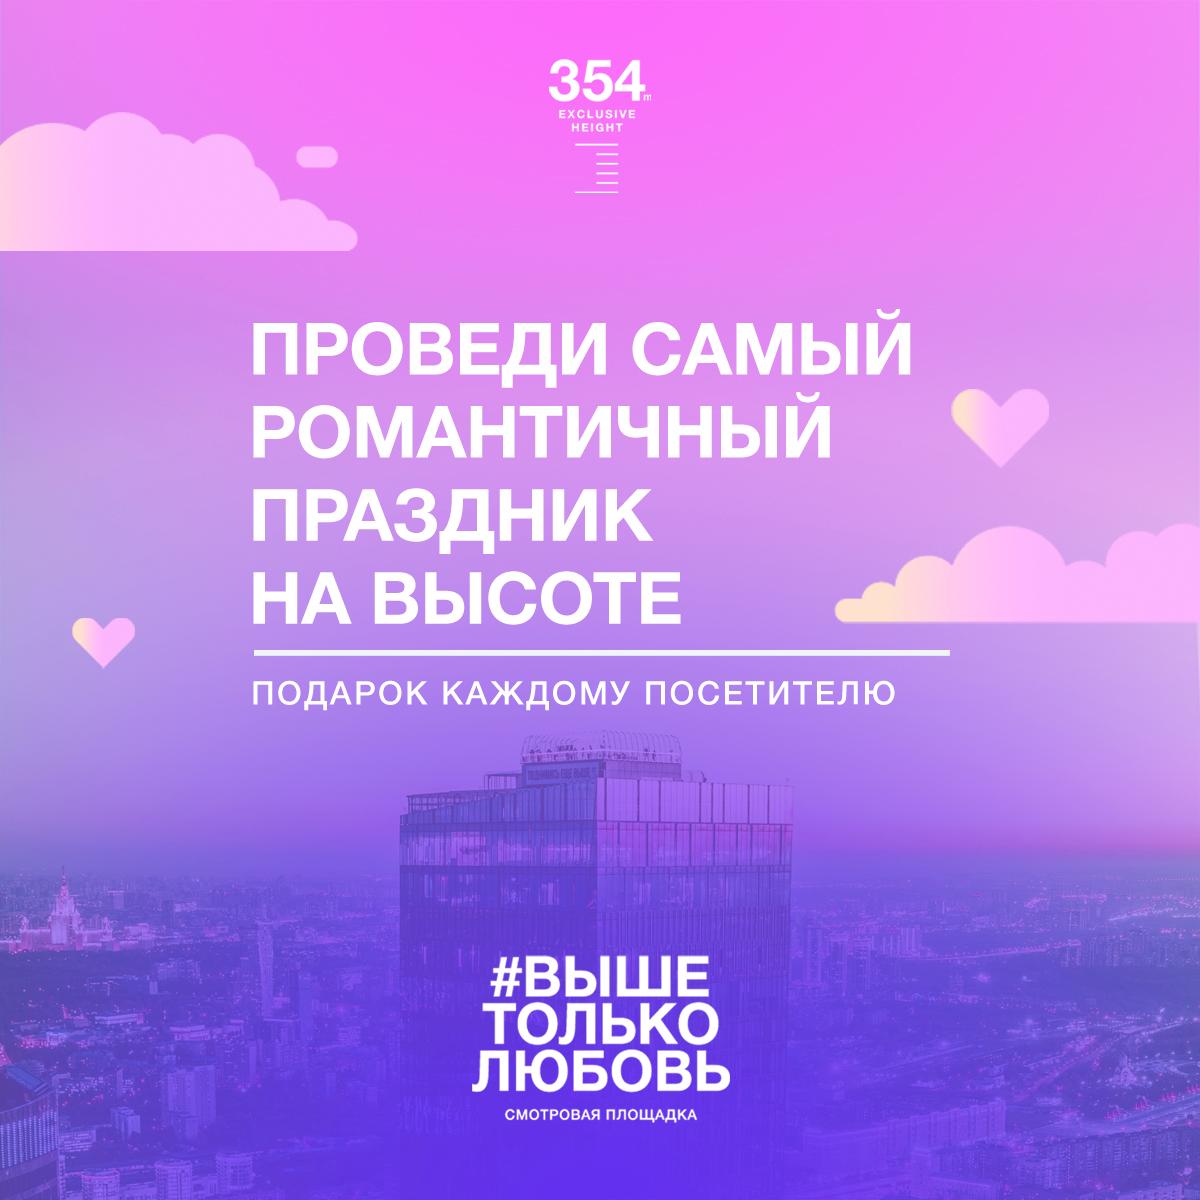 Любовь на высоте!